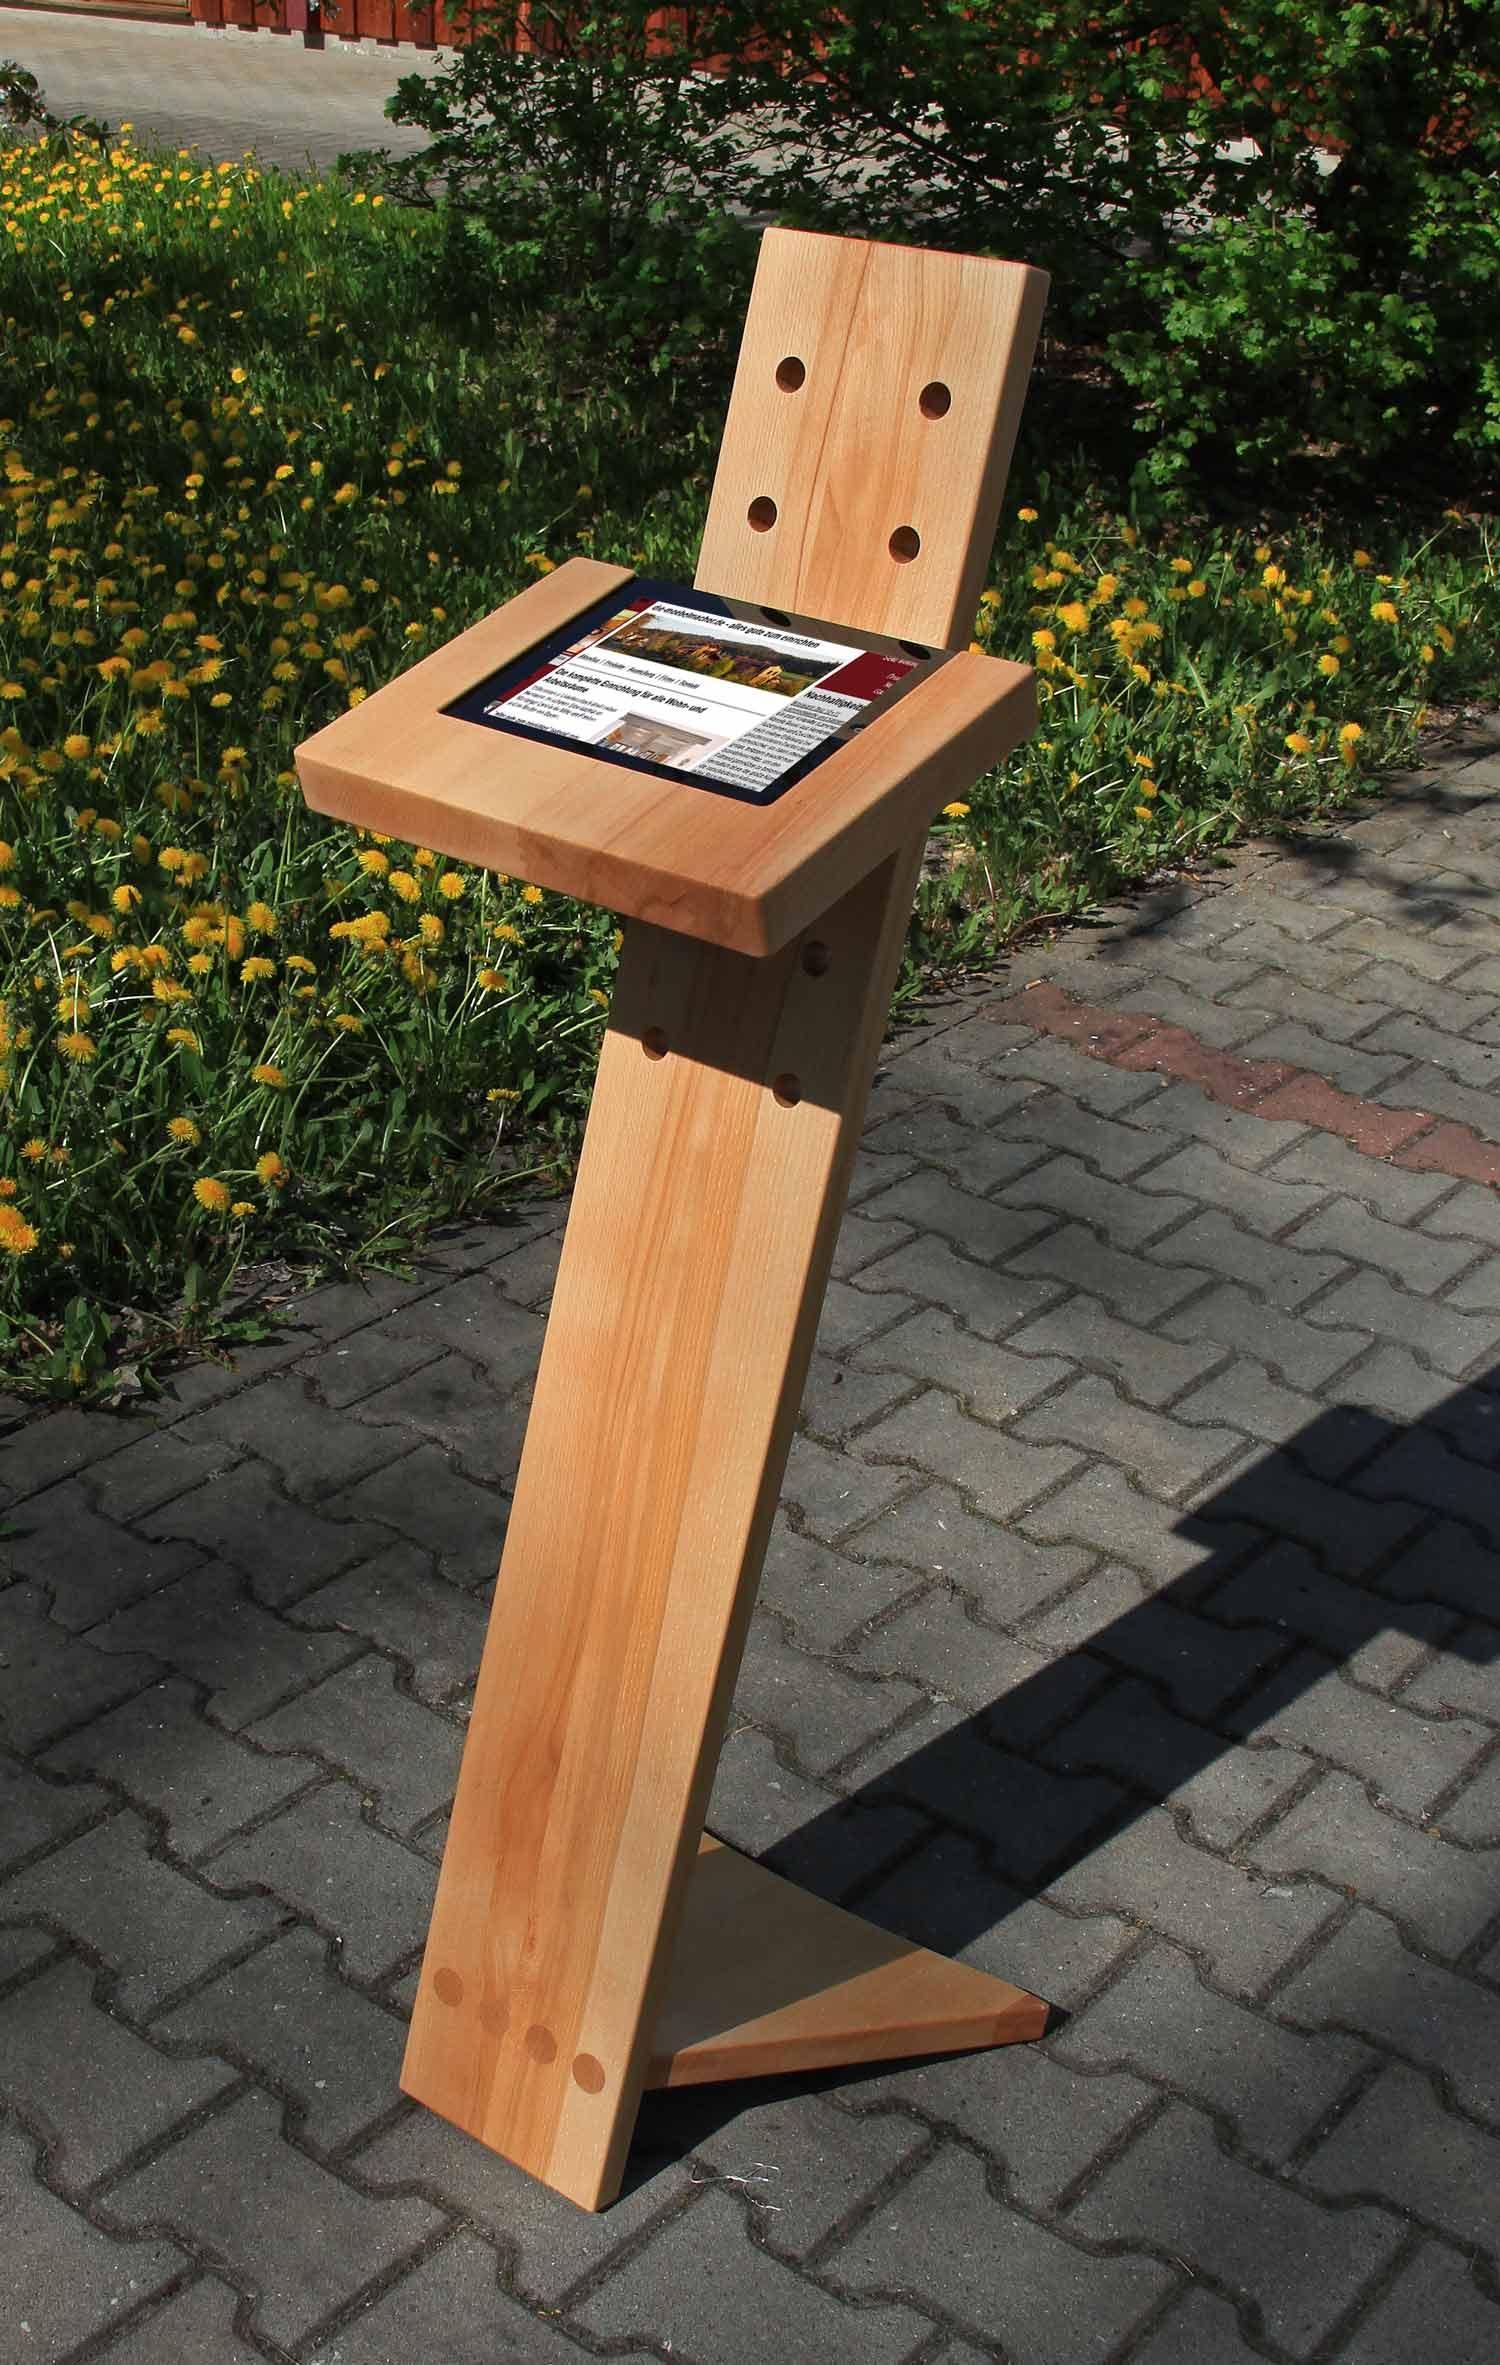 ipad display aus stehpult entwickelt ipult das nachhaltigkeitsblog der m belmacher. Black Bedroom Furniture Sets. Home Design Ideas